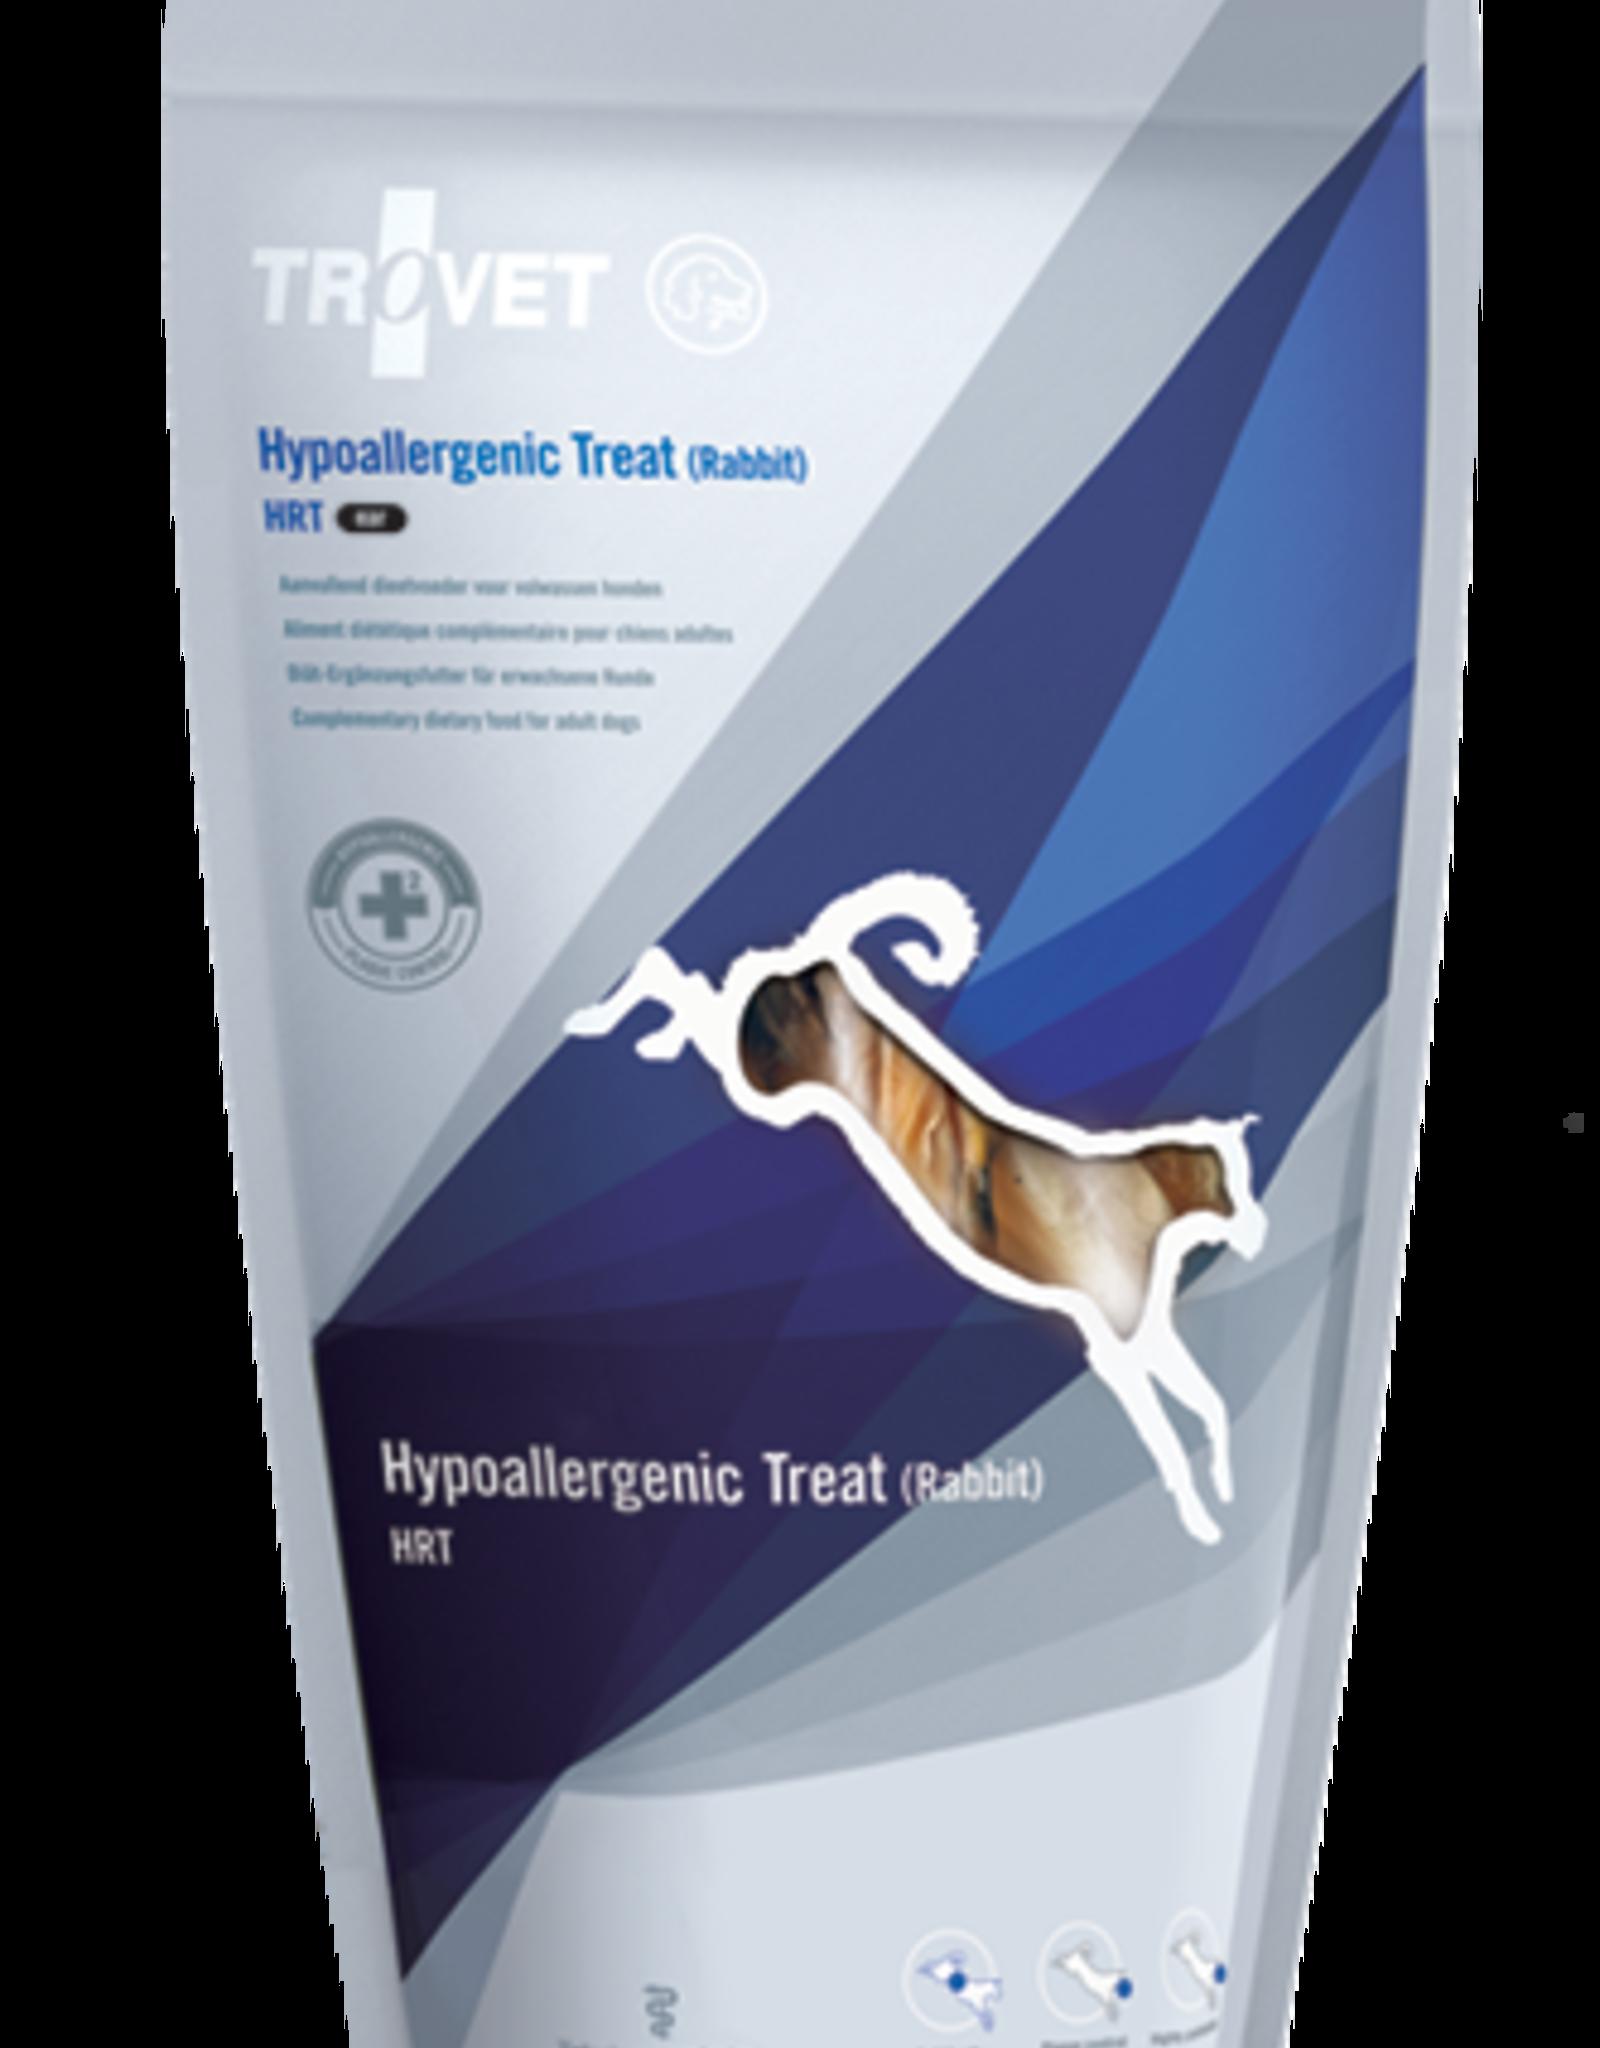 Trovet Canine Hrt Hypoallergenic Treat Koninchen Ohr 100g